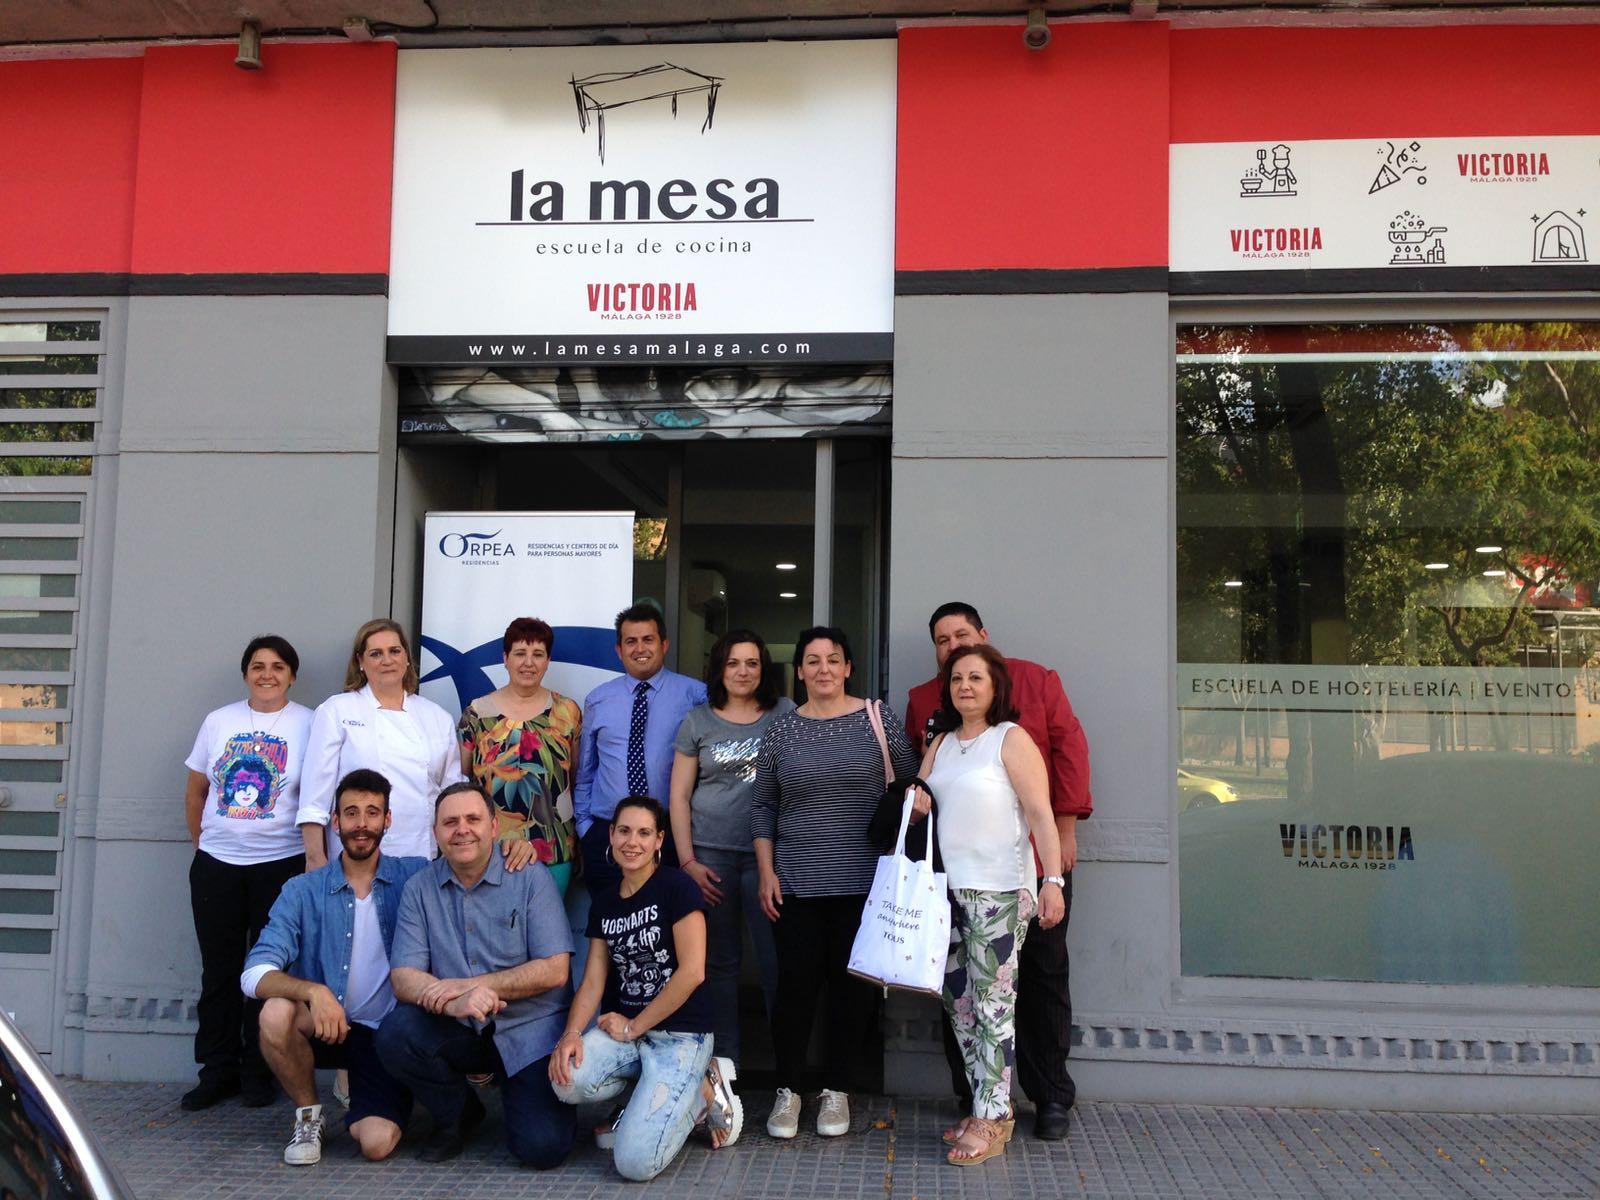 ORPEA organiza un curso de cocina tradicional andaluza para sus profesionales de la región sur